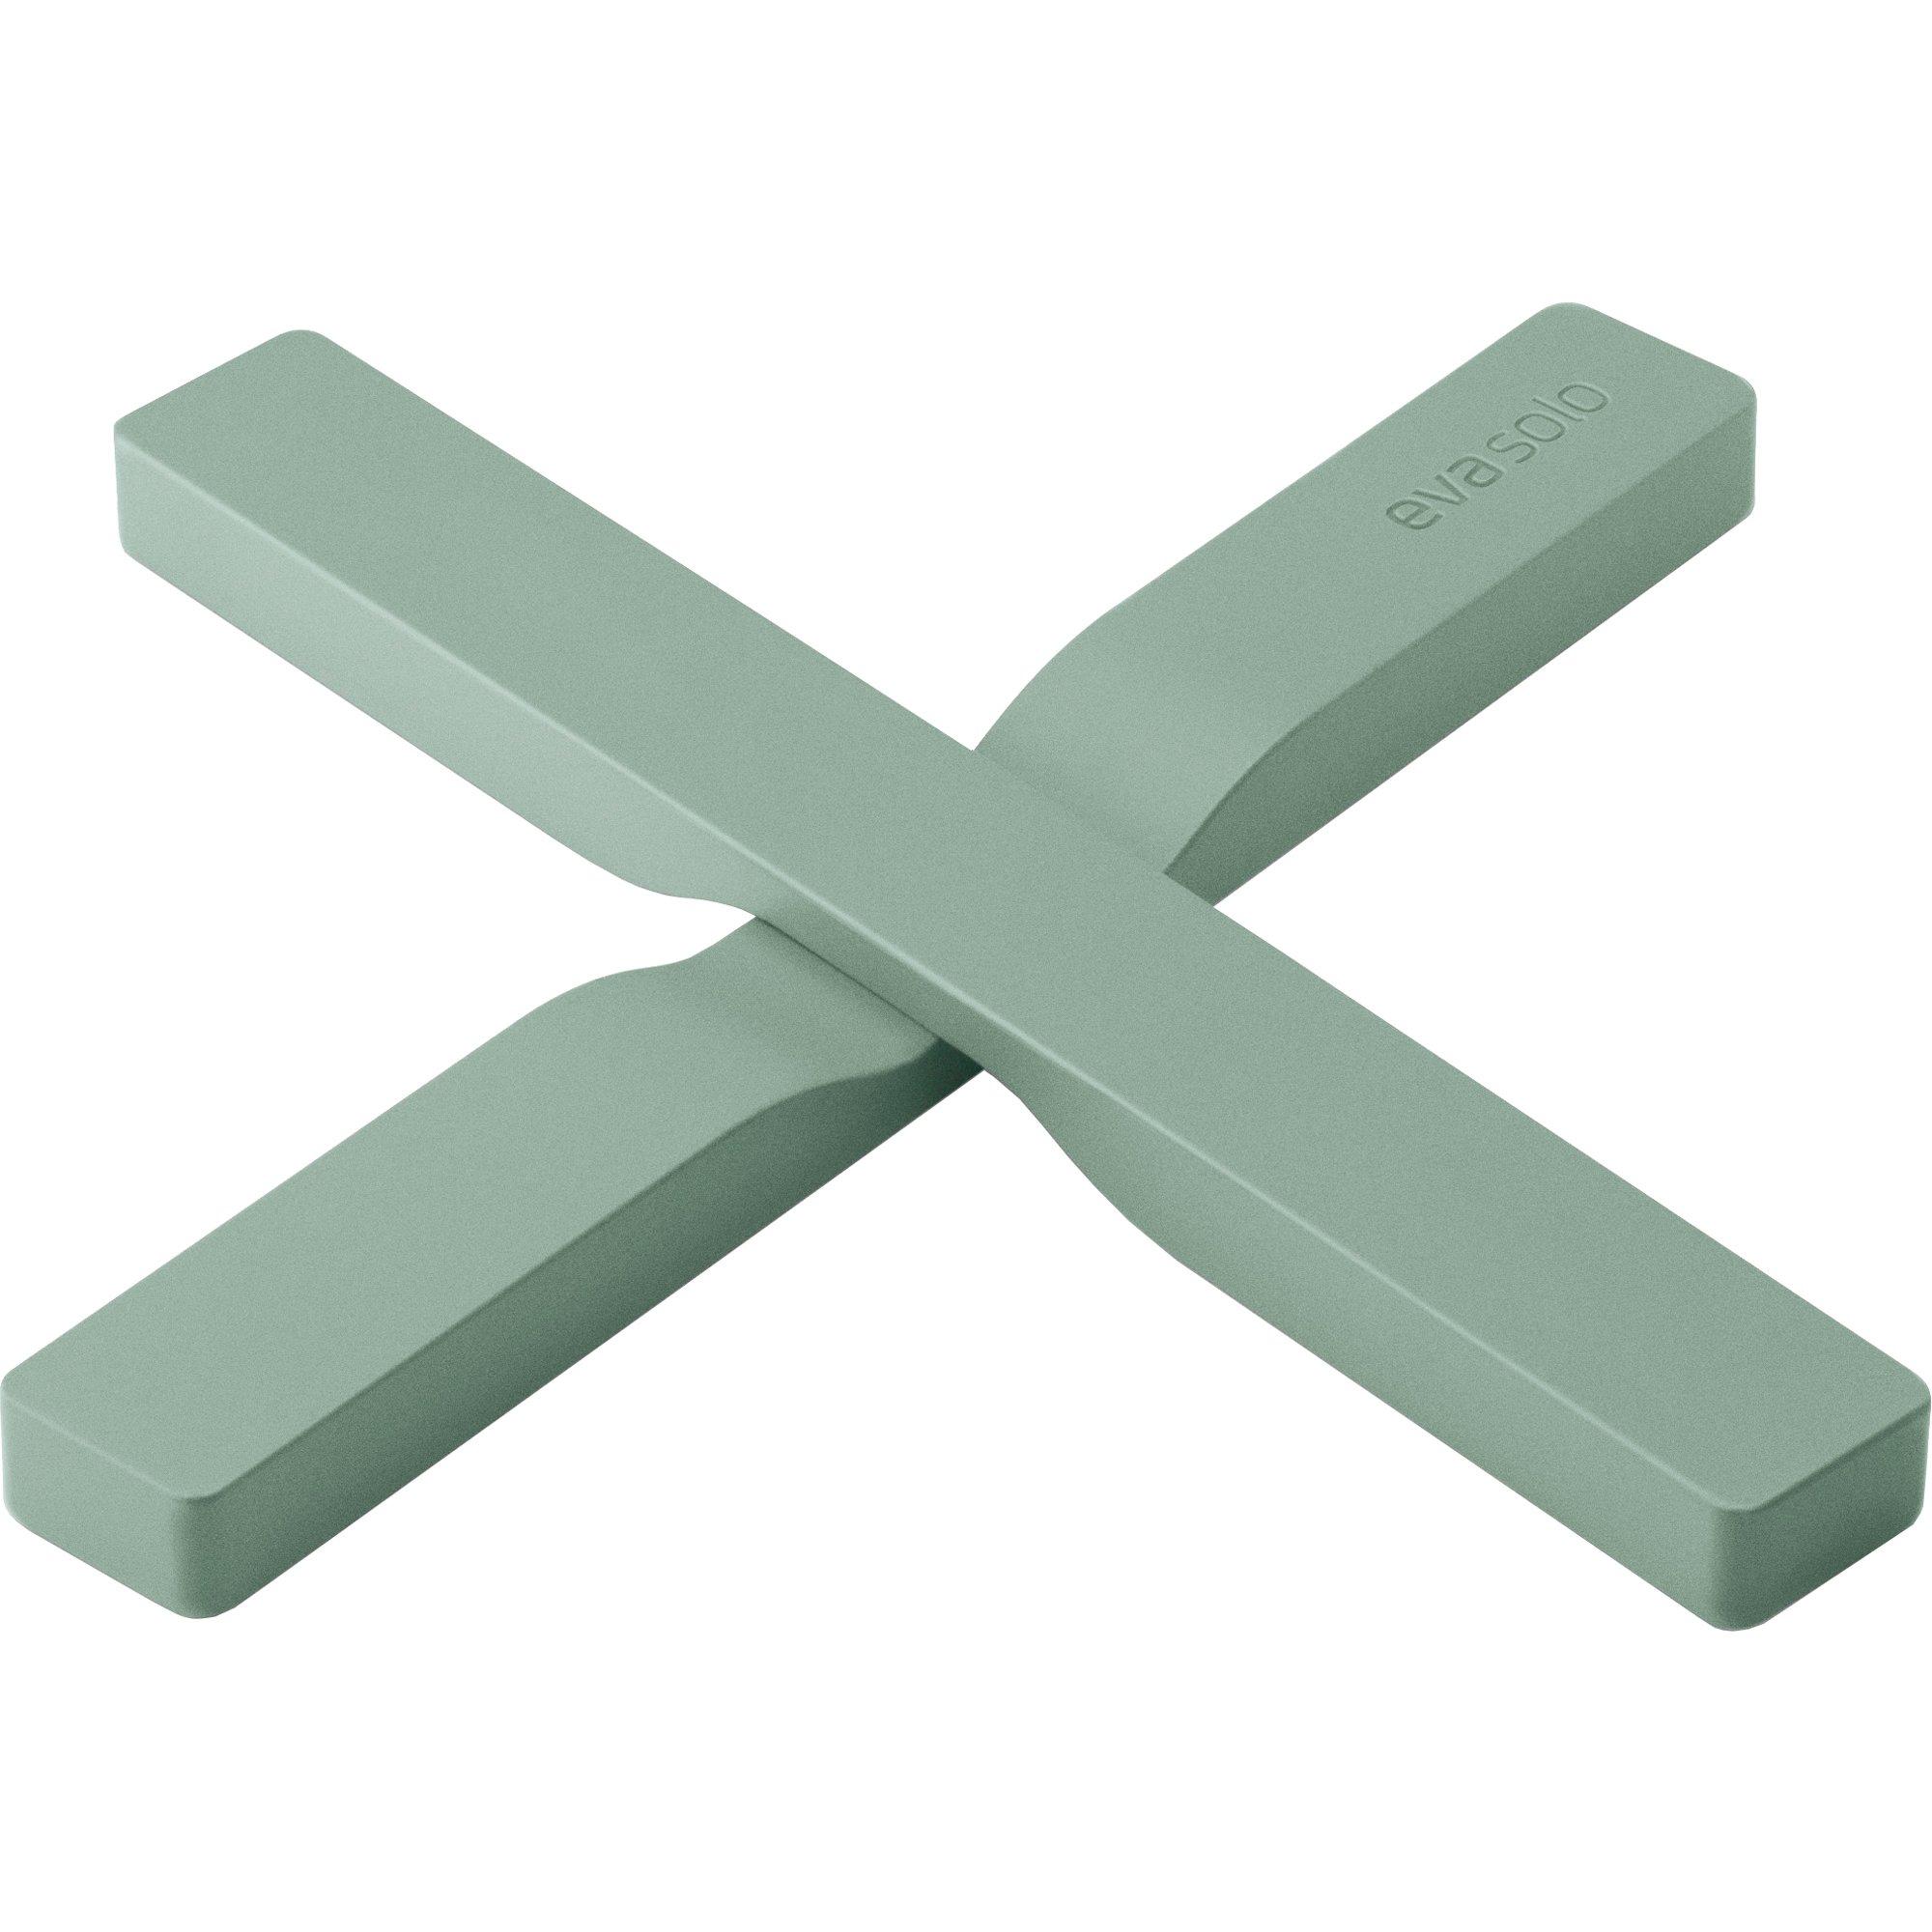 Eva Solo 2 Magnetiska grytunderlägg faded green